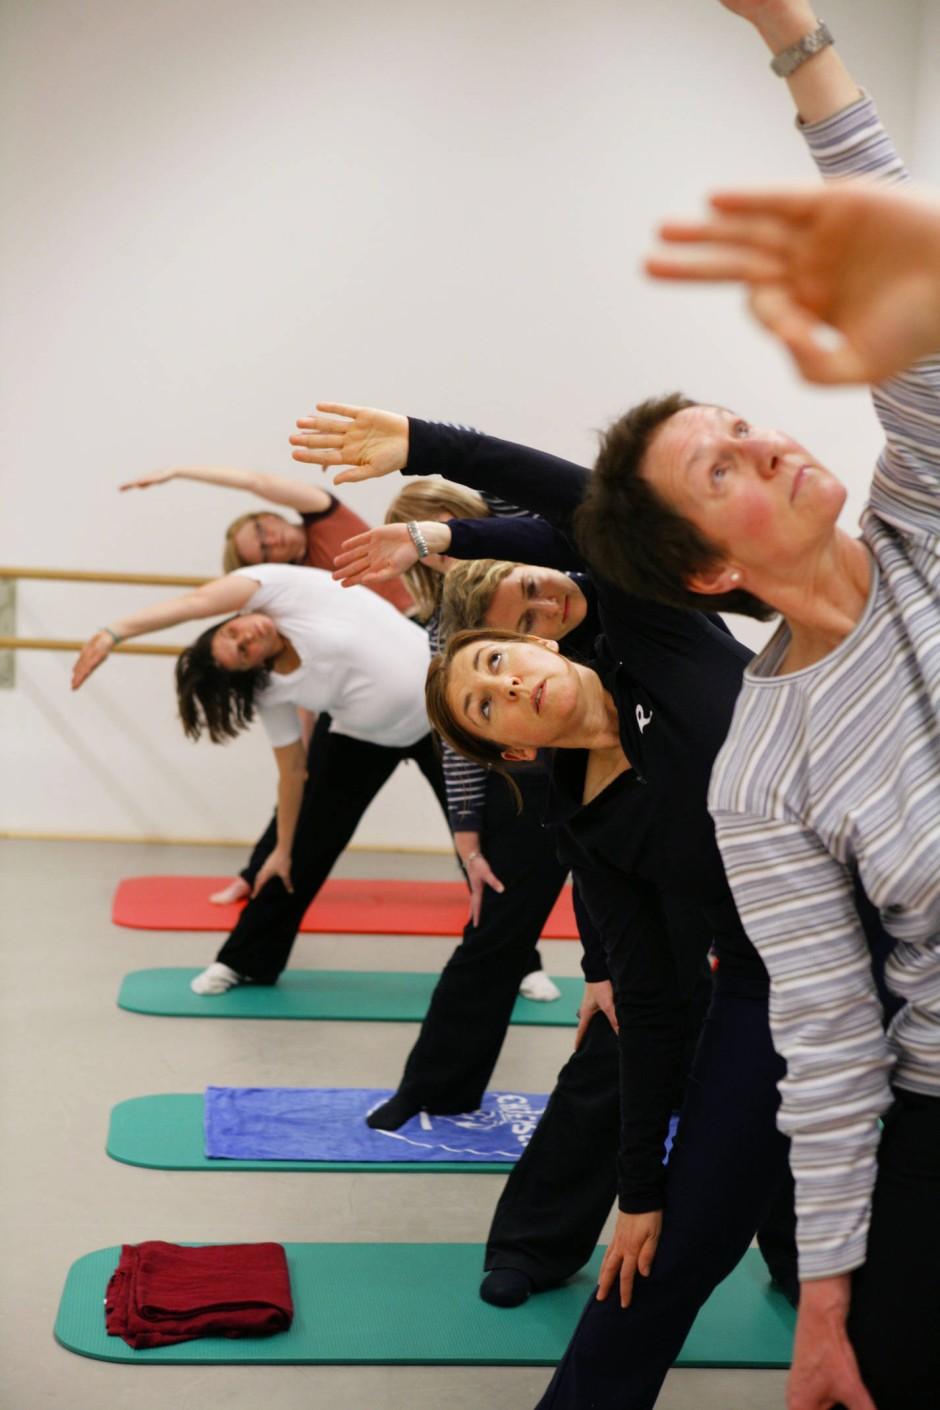 Volles Programm: Das Angebot heute reicht von den diversen Yoga-Spielarten...